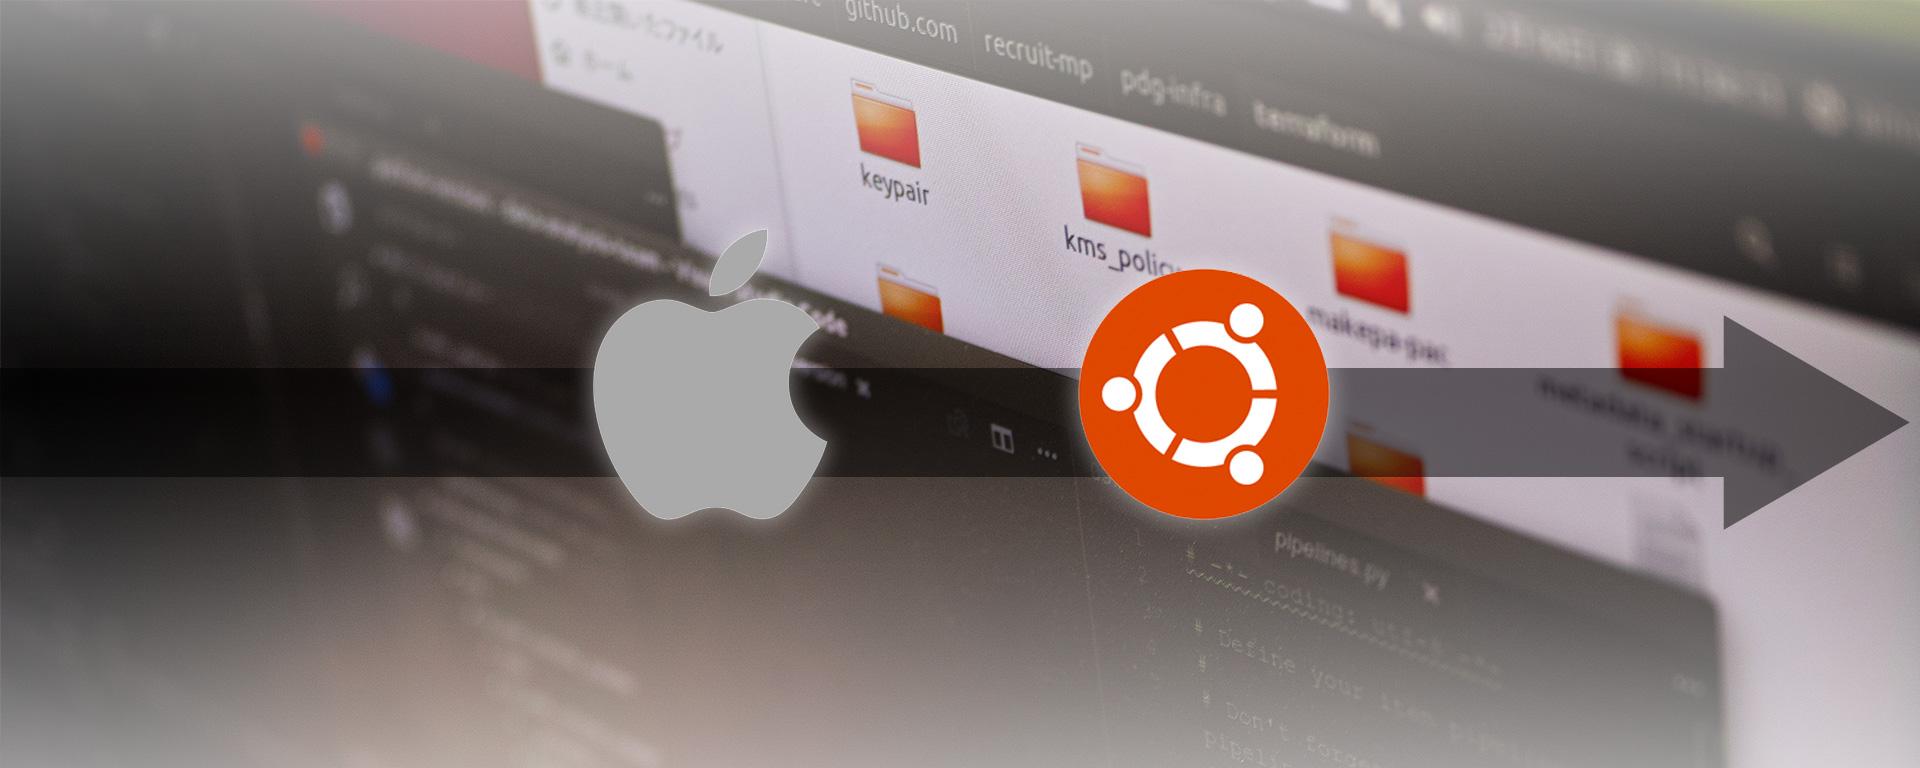 仕事用マシンをMacBookProからUbuntuデスクトップに乗り換えて1ヶ月運用してみました